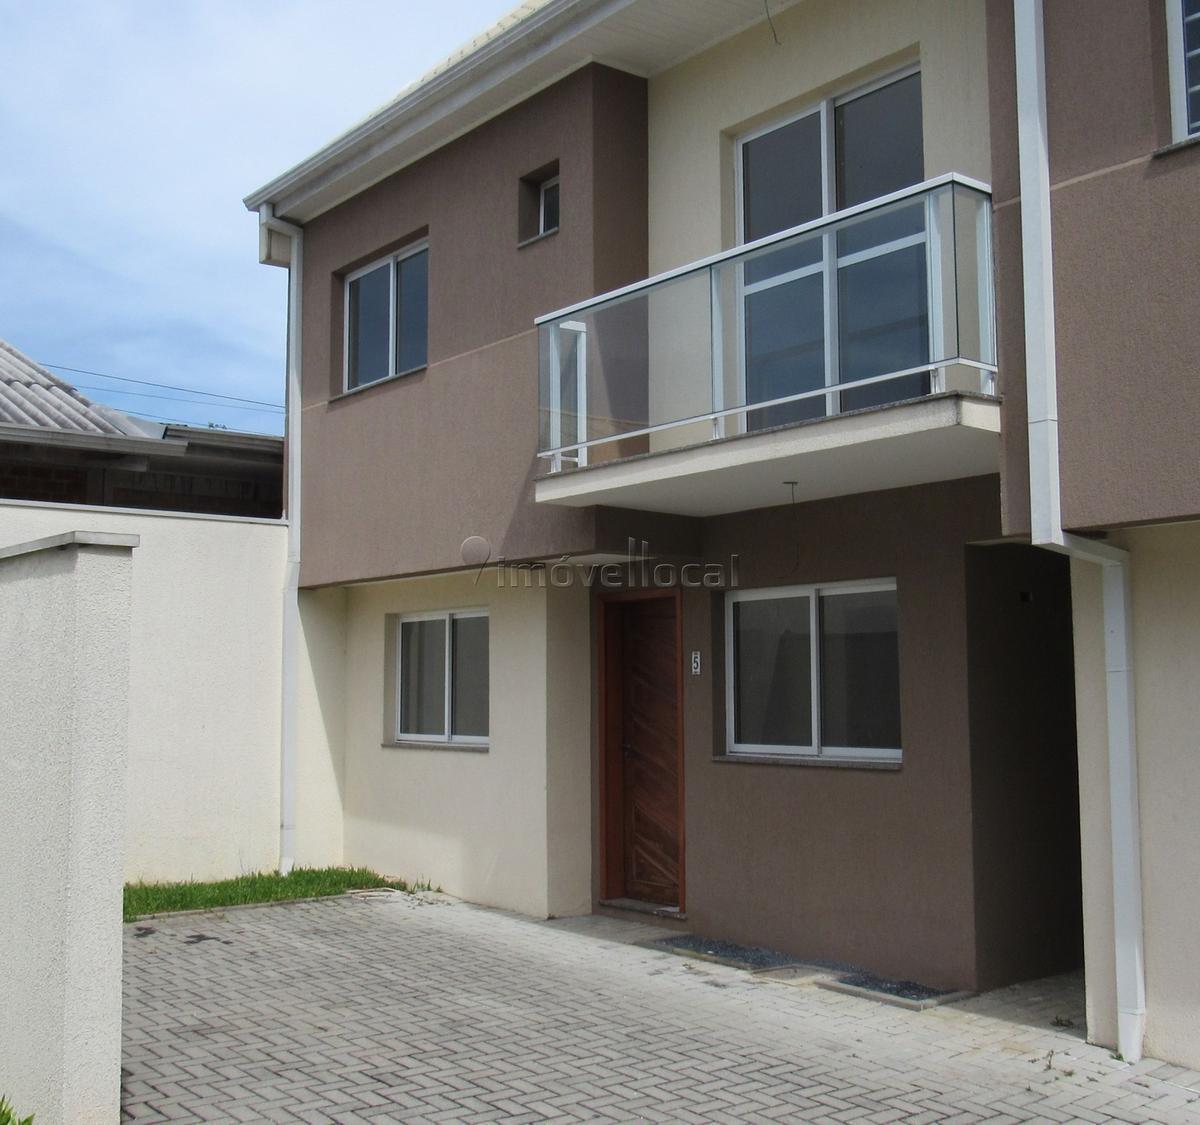 http://www.infocenterhost2.com.br/crm/fotosimovel/457599/106023040-sobrado-em-condominio-curitiba-boqueirao.jpg